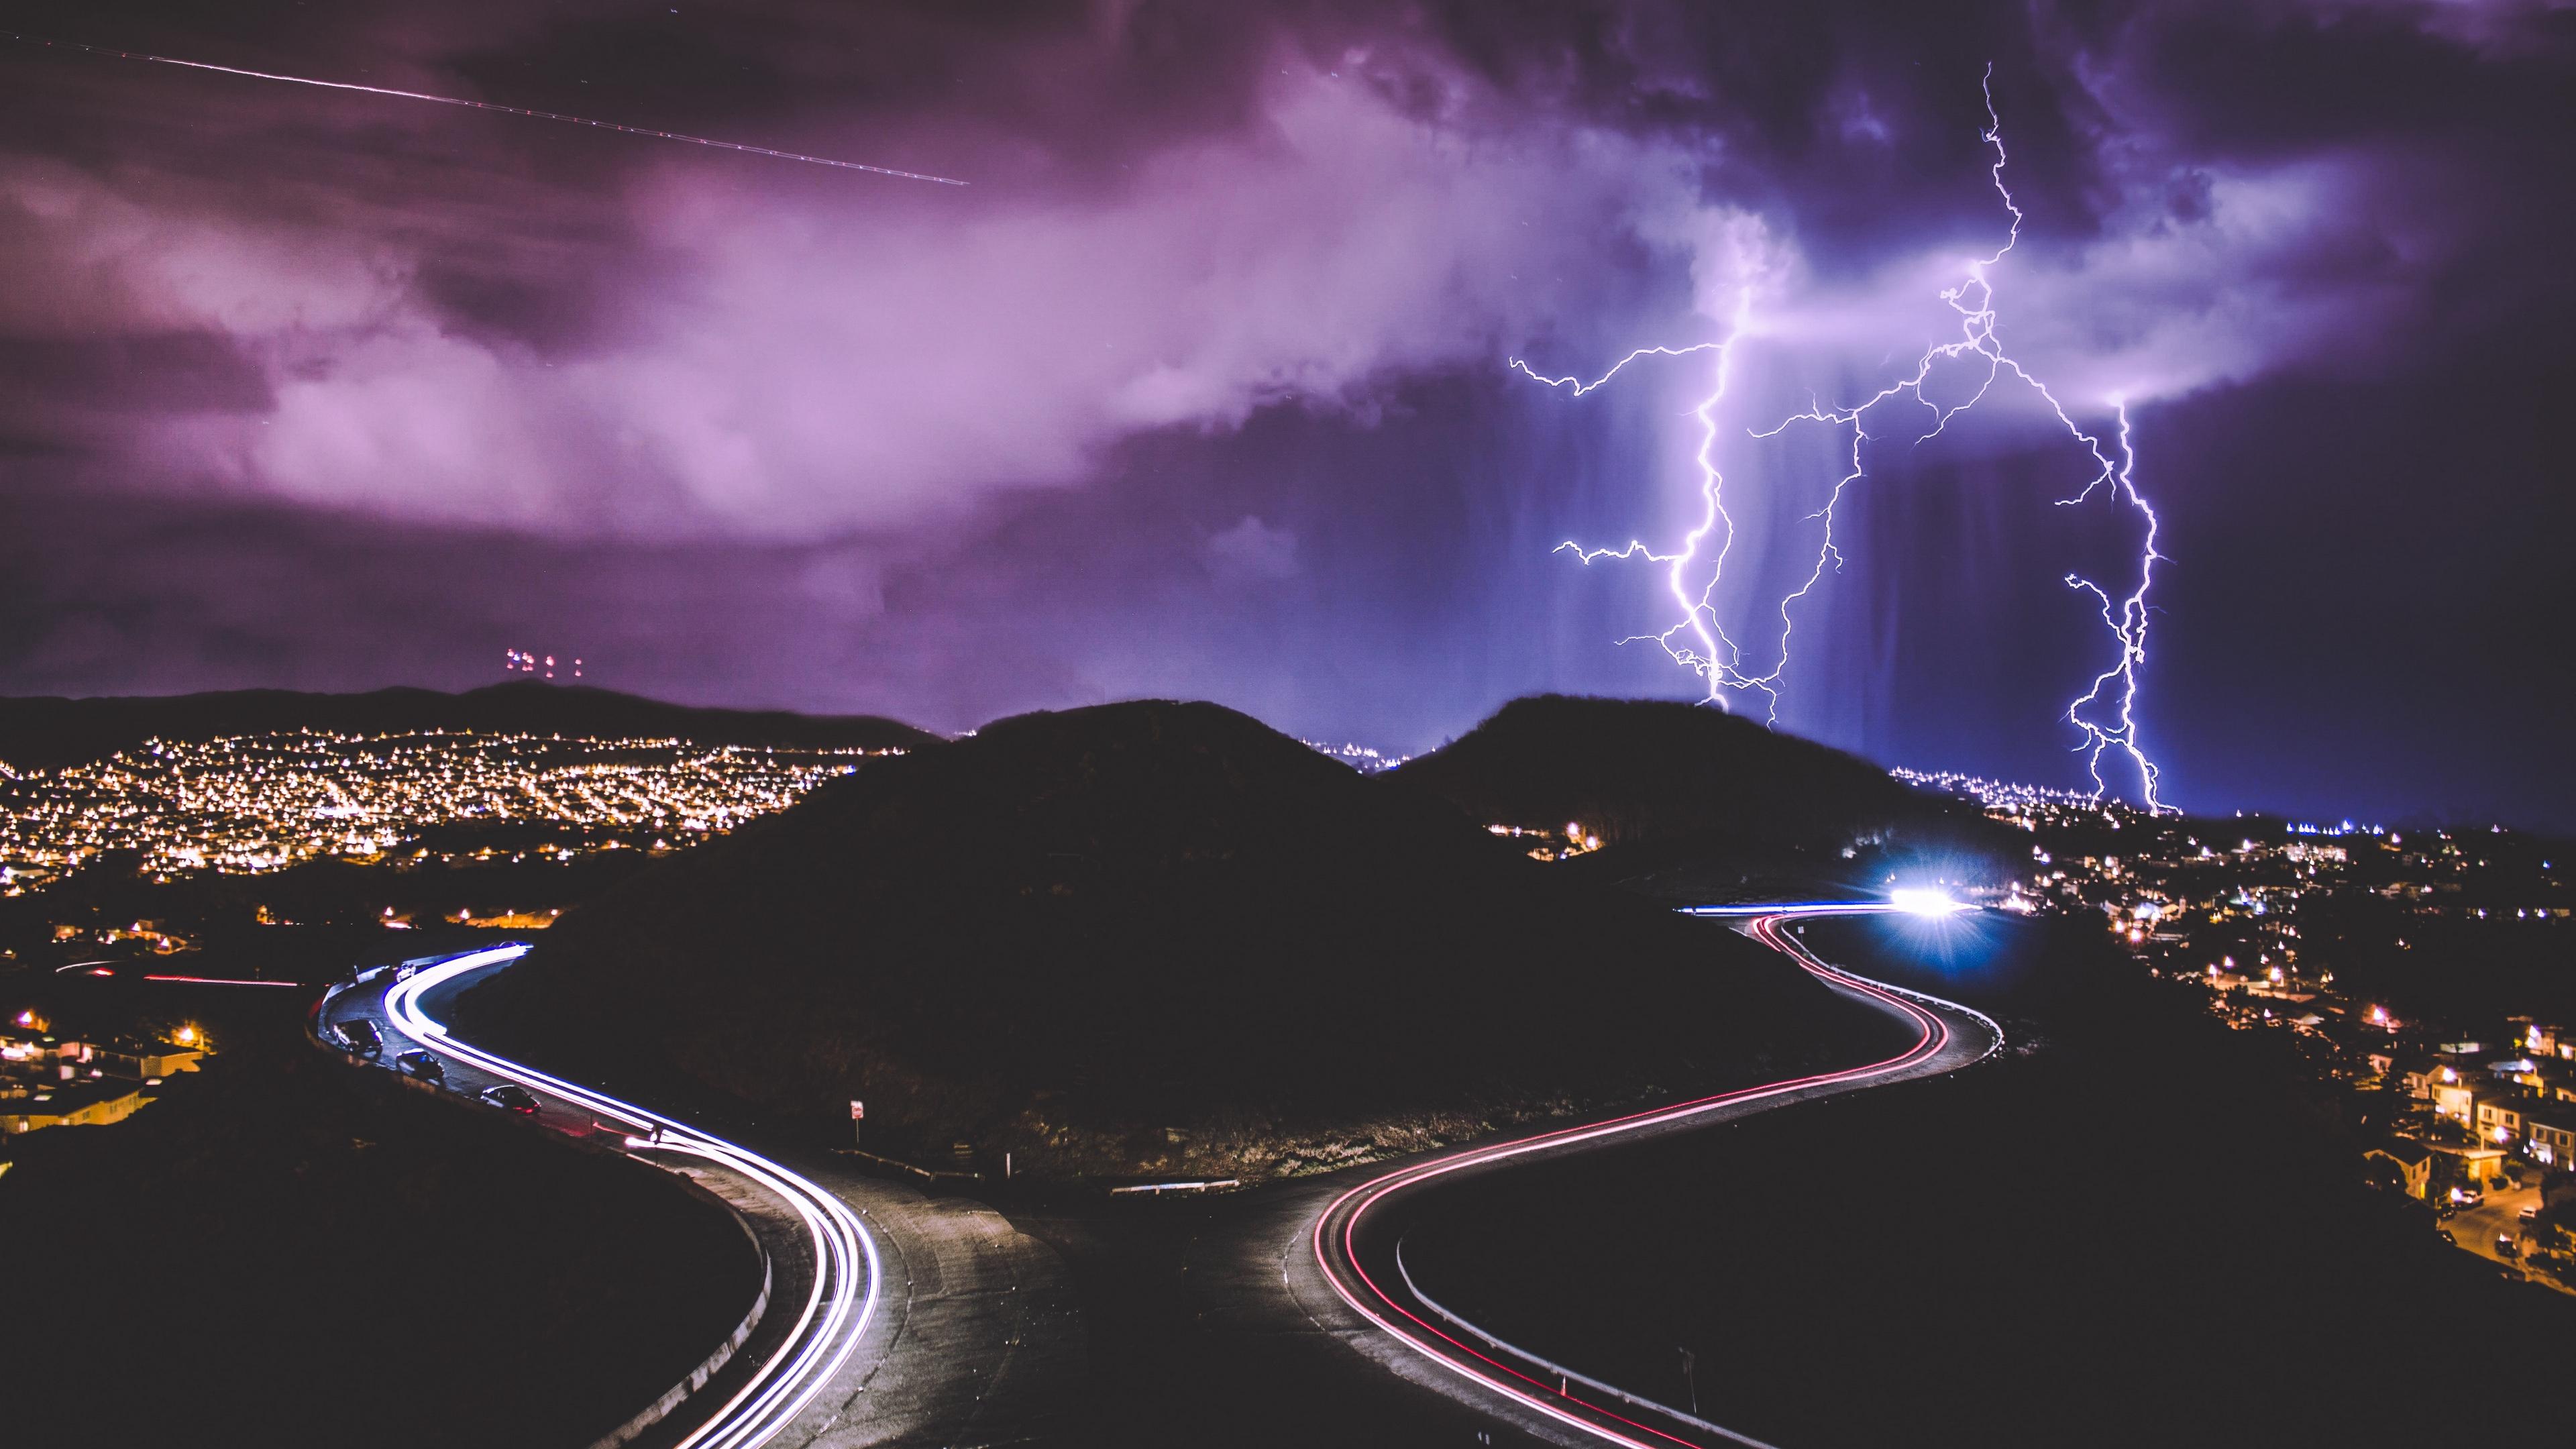 lightning road city night 4k 1538066833 - lightning, road, city, night 4k - Road, Lightning, City